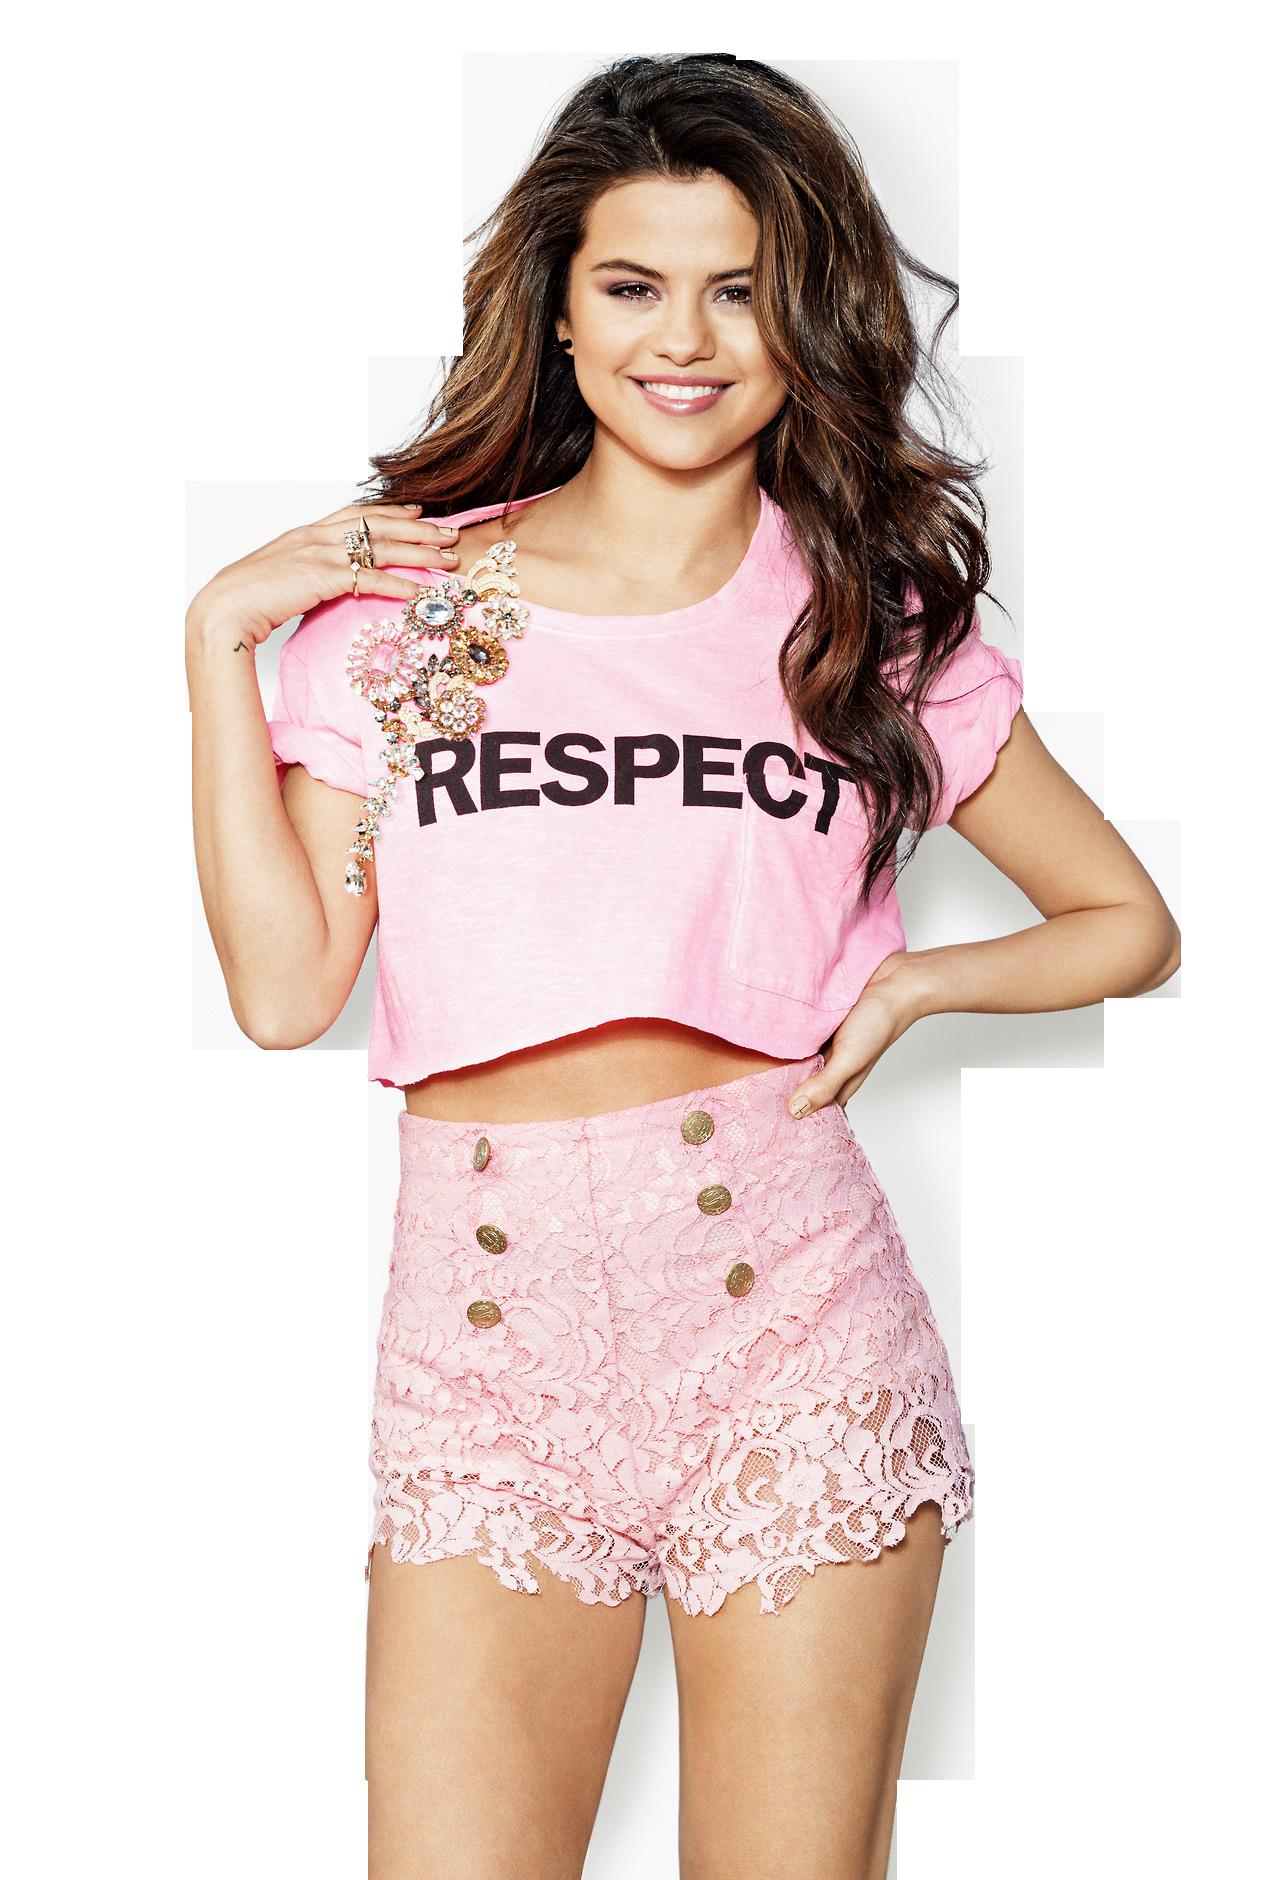 Selena Gomez Png 3 by LizziePony12 Selena Gomez Png 3 by LizziePony12 - Selena Gomez PNG